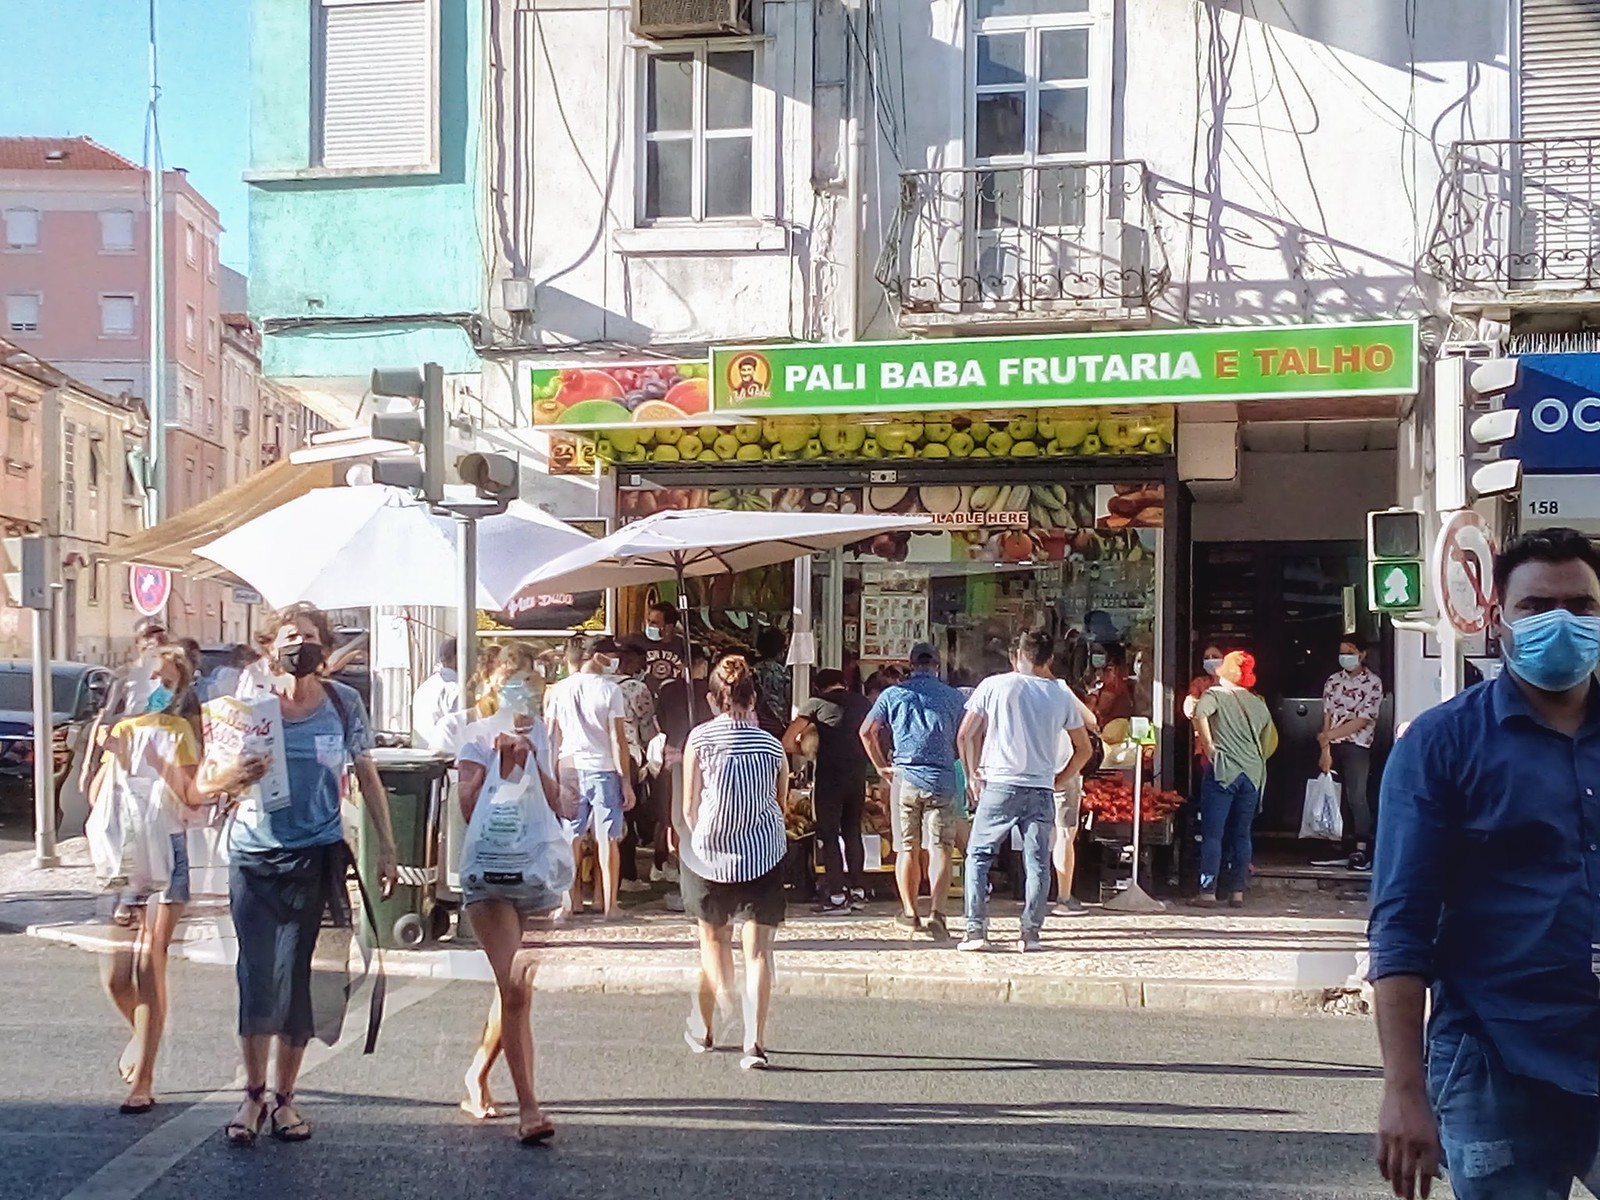 Lugar da antiga Alfaiataria do Chile — Rua Morais Soares, 162, Lisboa — © 2020